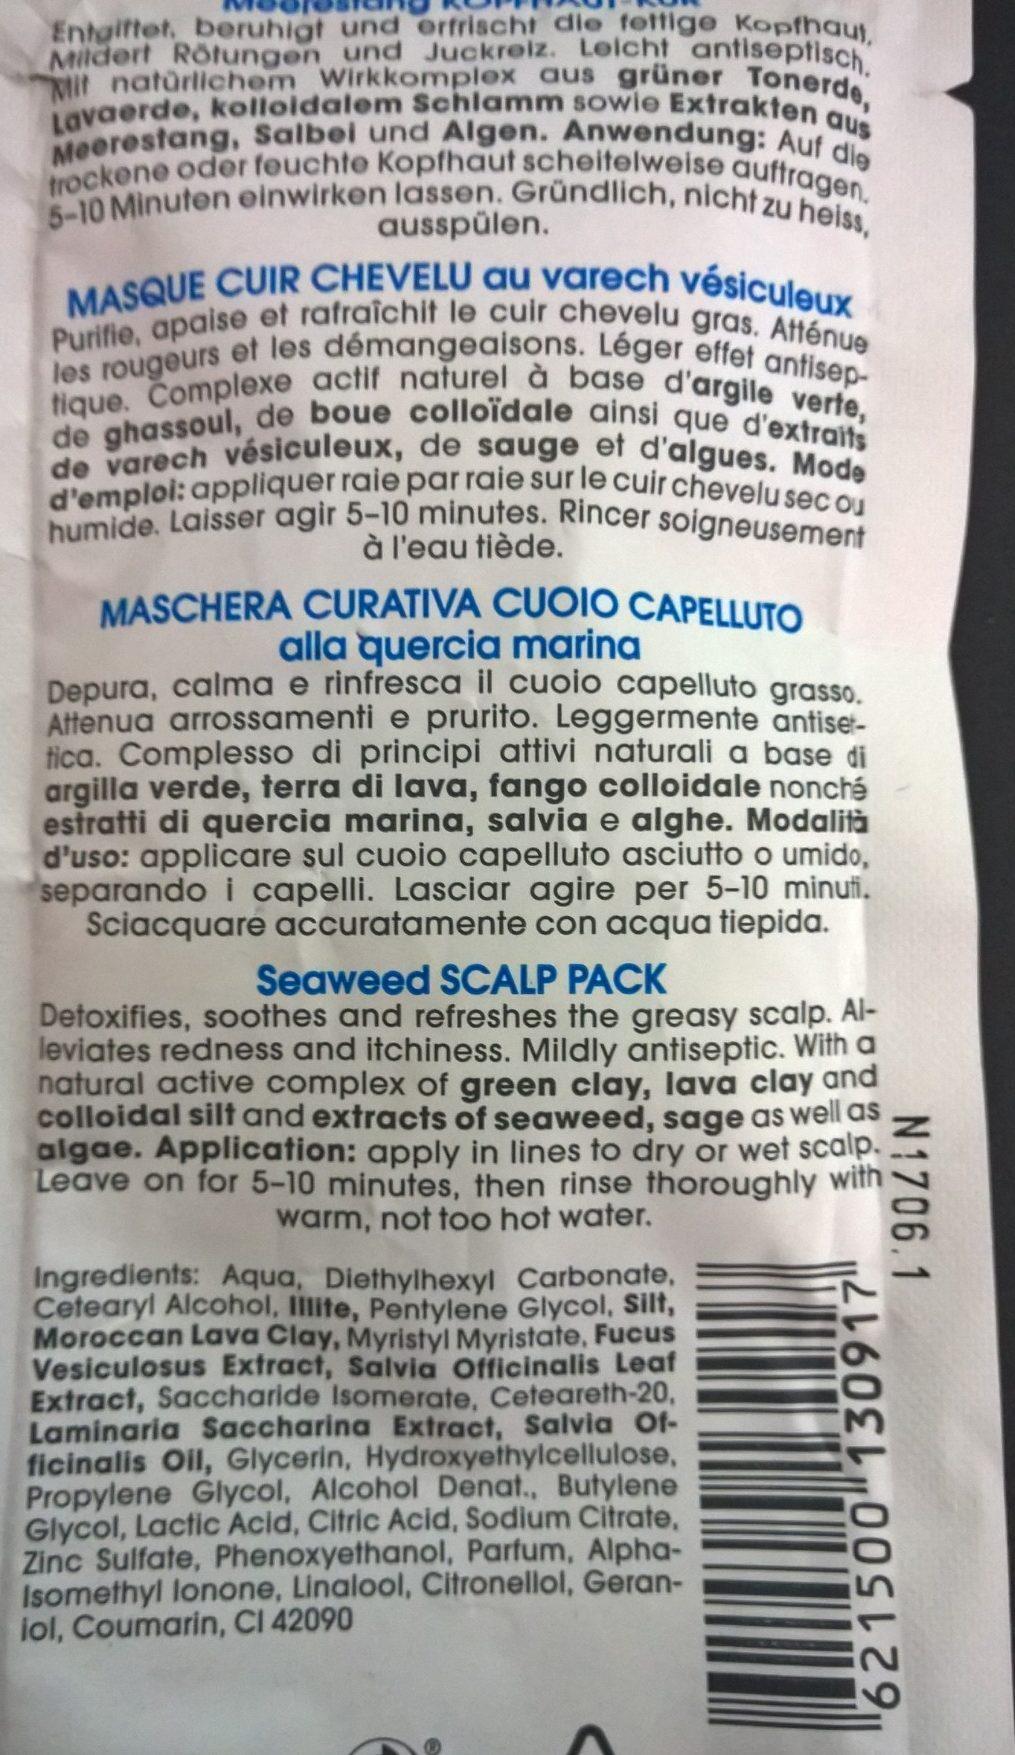 RAUSCH Meerestang Kopfhaut-Kur - Ingredients - de